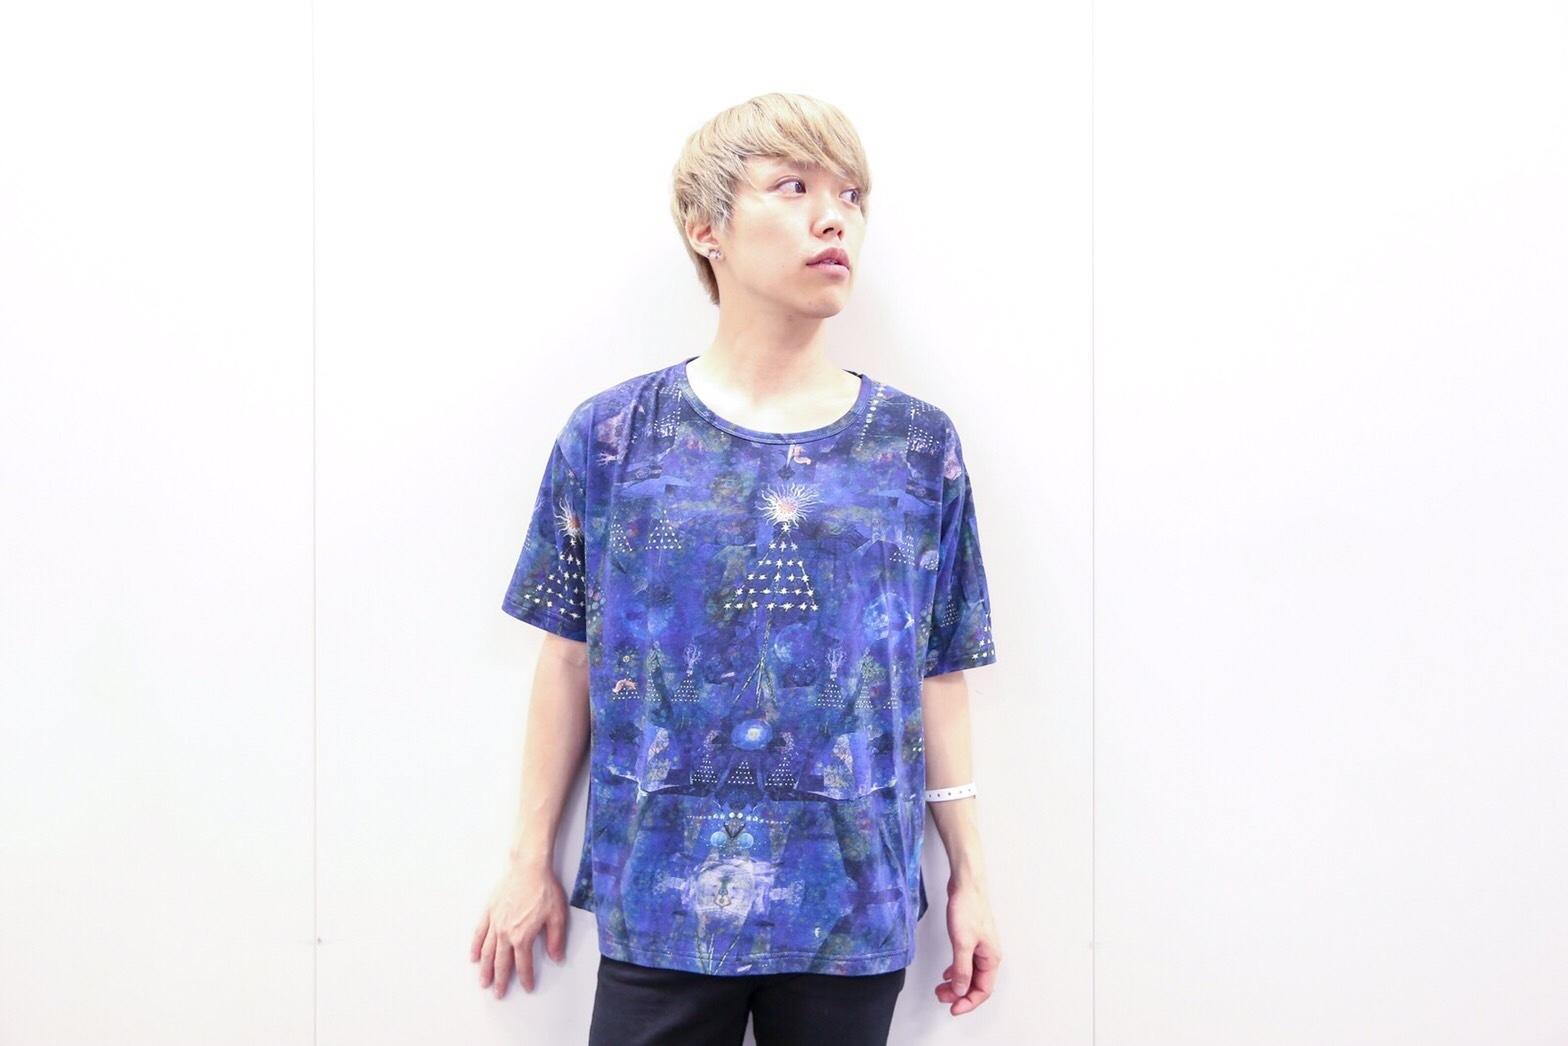 『shinra』 Tシャツ、ワンピースを10/8(土)から販売開始します。